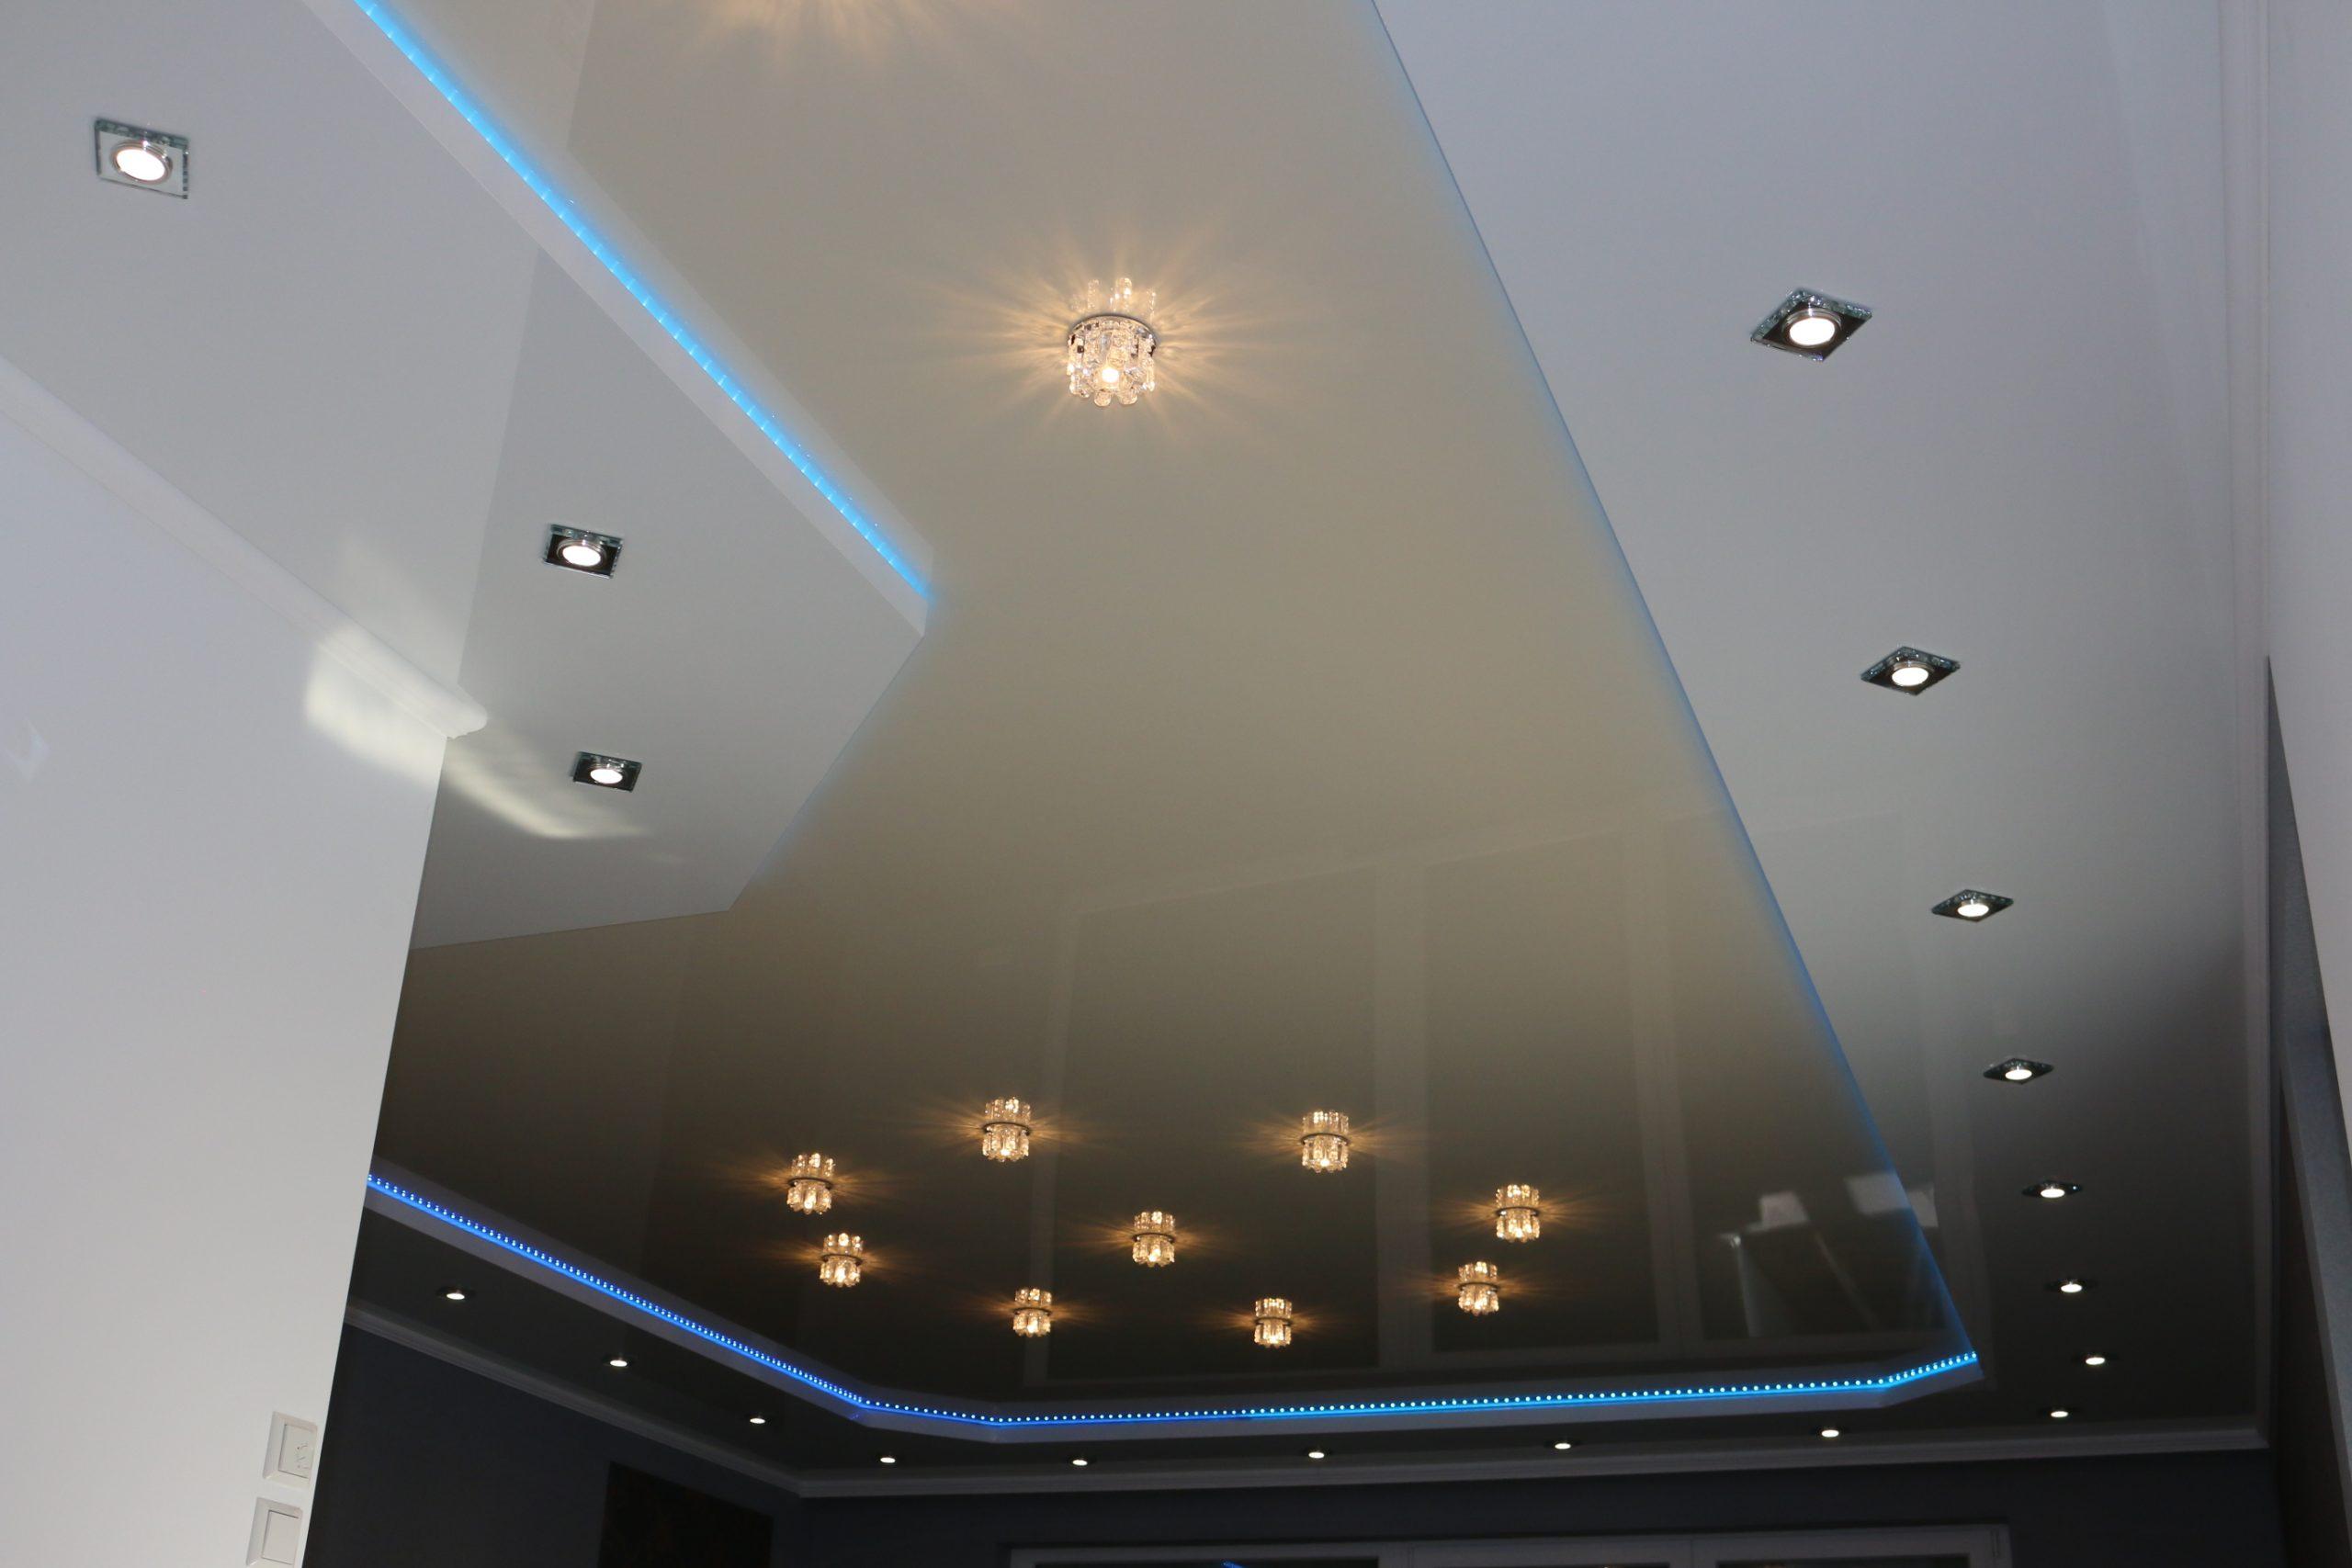 Full Size of Spanndecken Bechtold Wohnzimmer Led Deckenleuchte Indirekte Beleuchtung Badezimmer Decken Küche Bad Decke Weihnachtsbeleuchtung Fenster Deckenlampe Wohnzimmer Indirekte Beleuchtung Decke